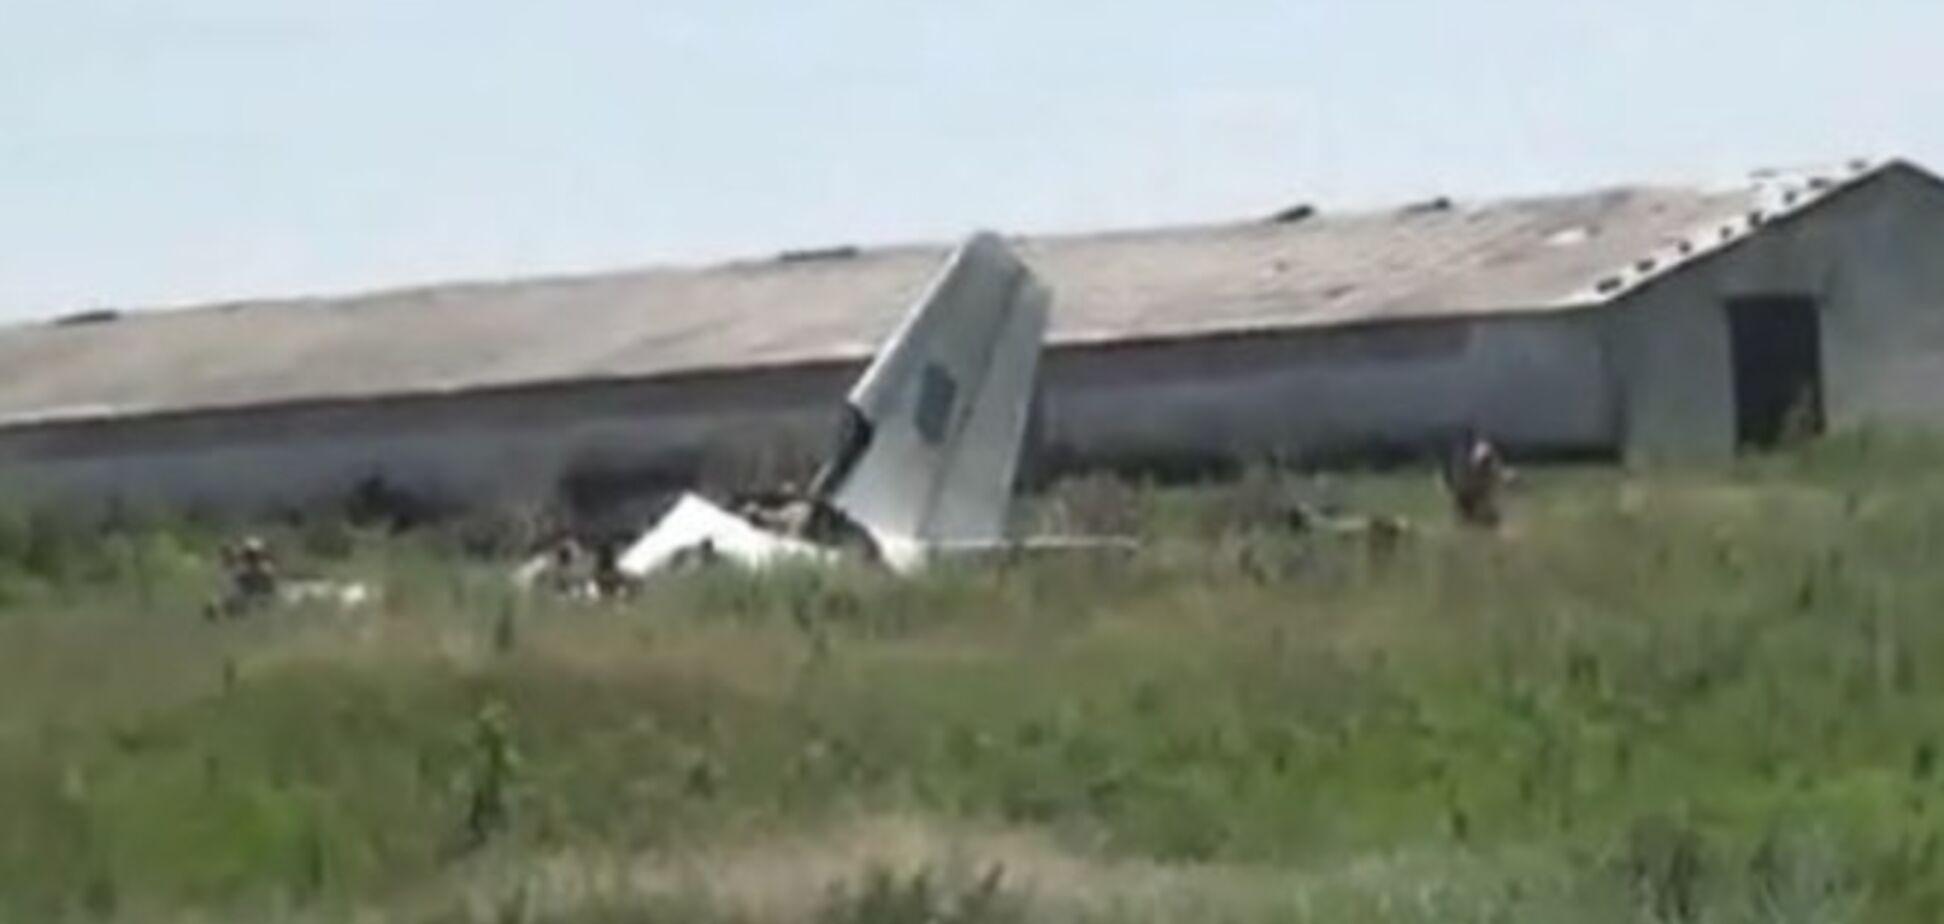 У СБУ есть неопровержимые доказательства причастности РФ к крушению Ан-26 в Луганской области